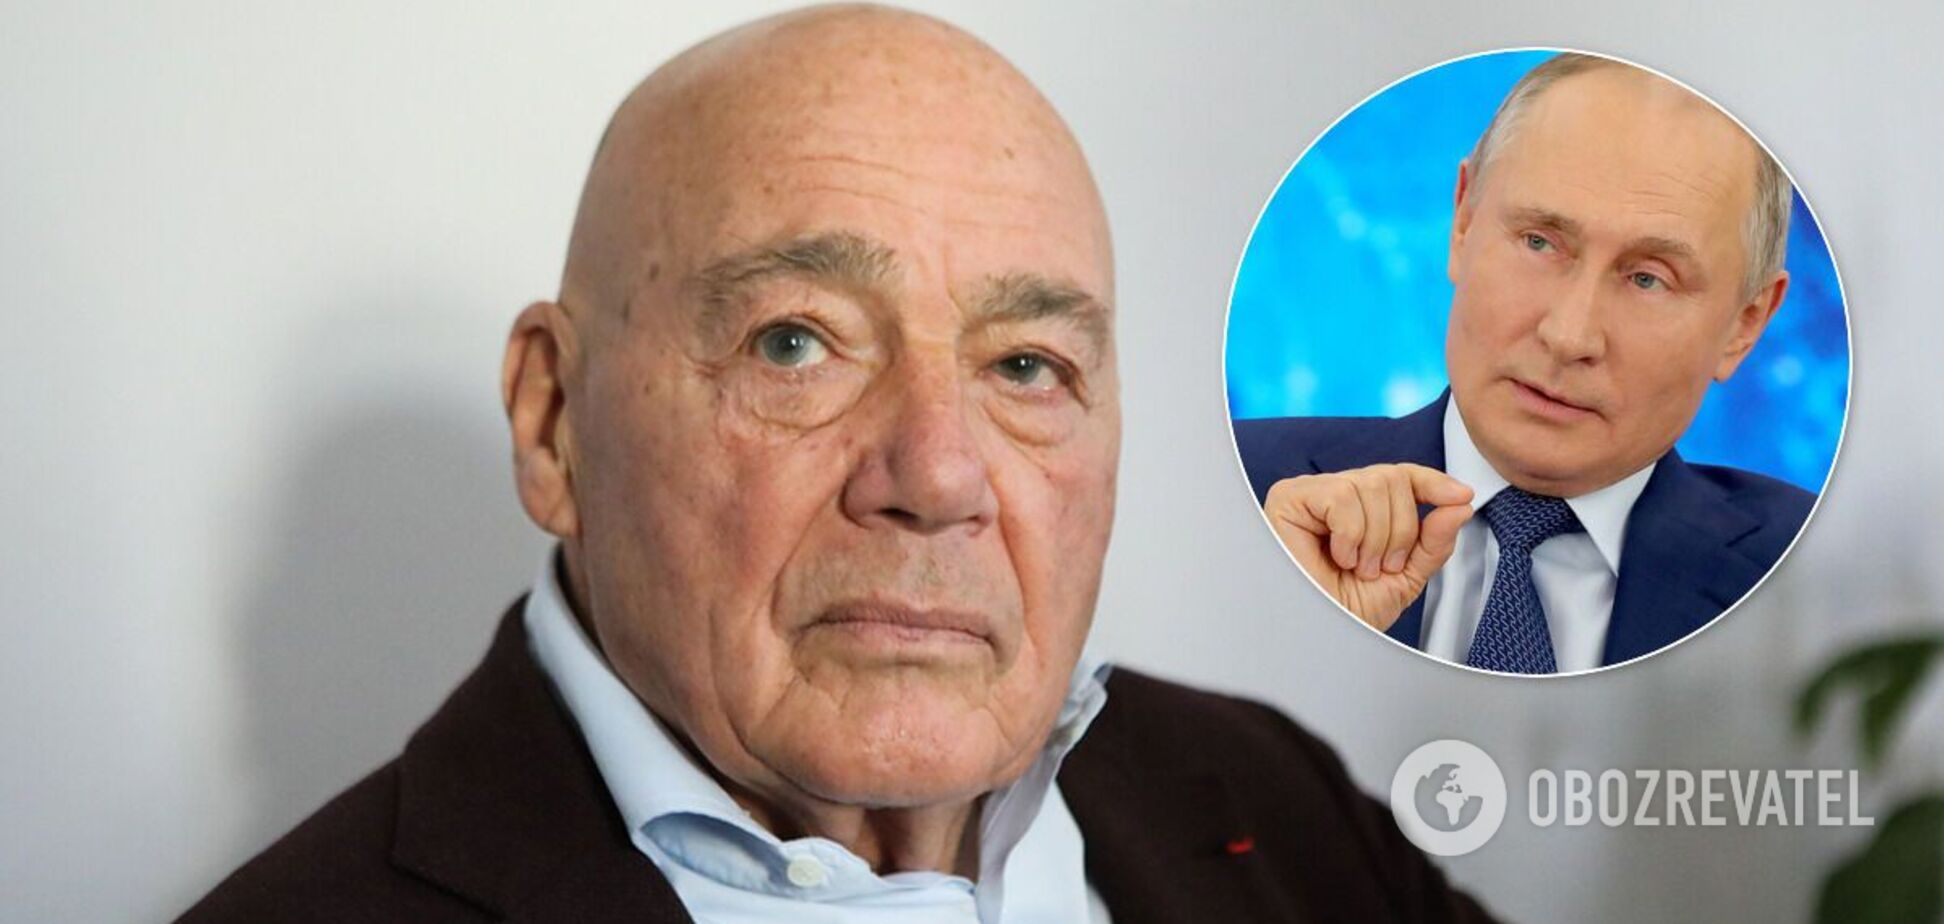 Познер вважає, що політика США вплинула на поведінку Путіна